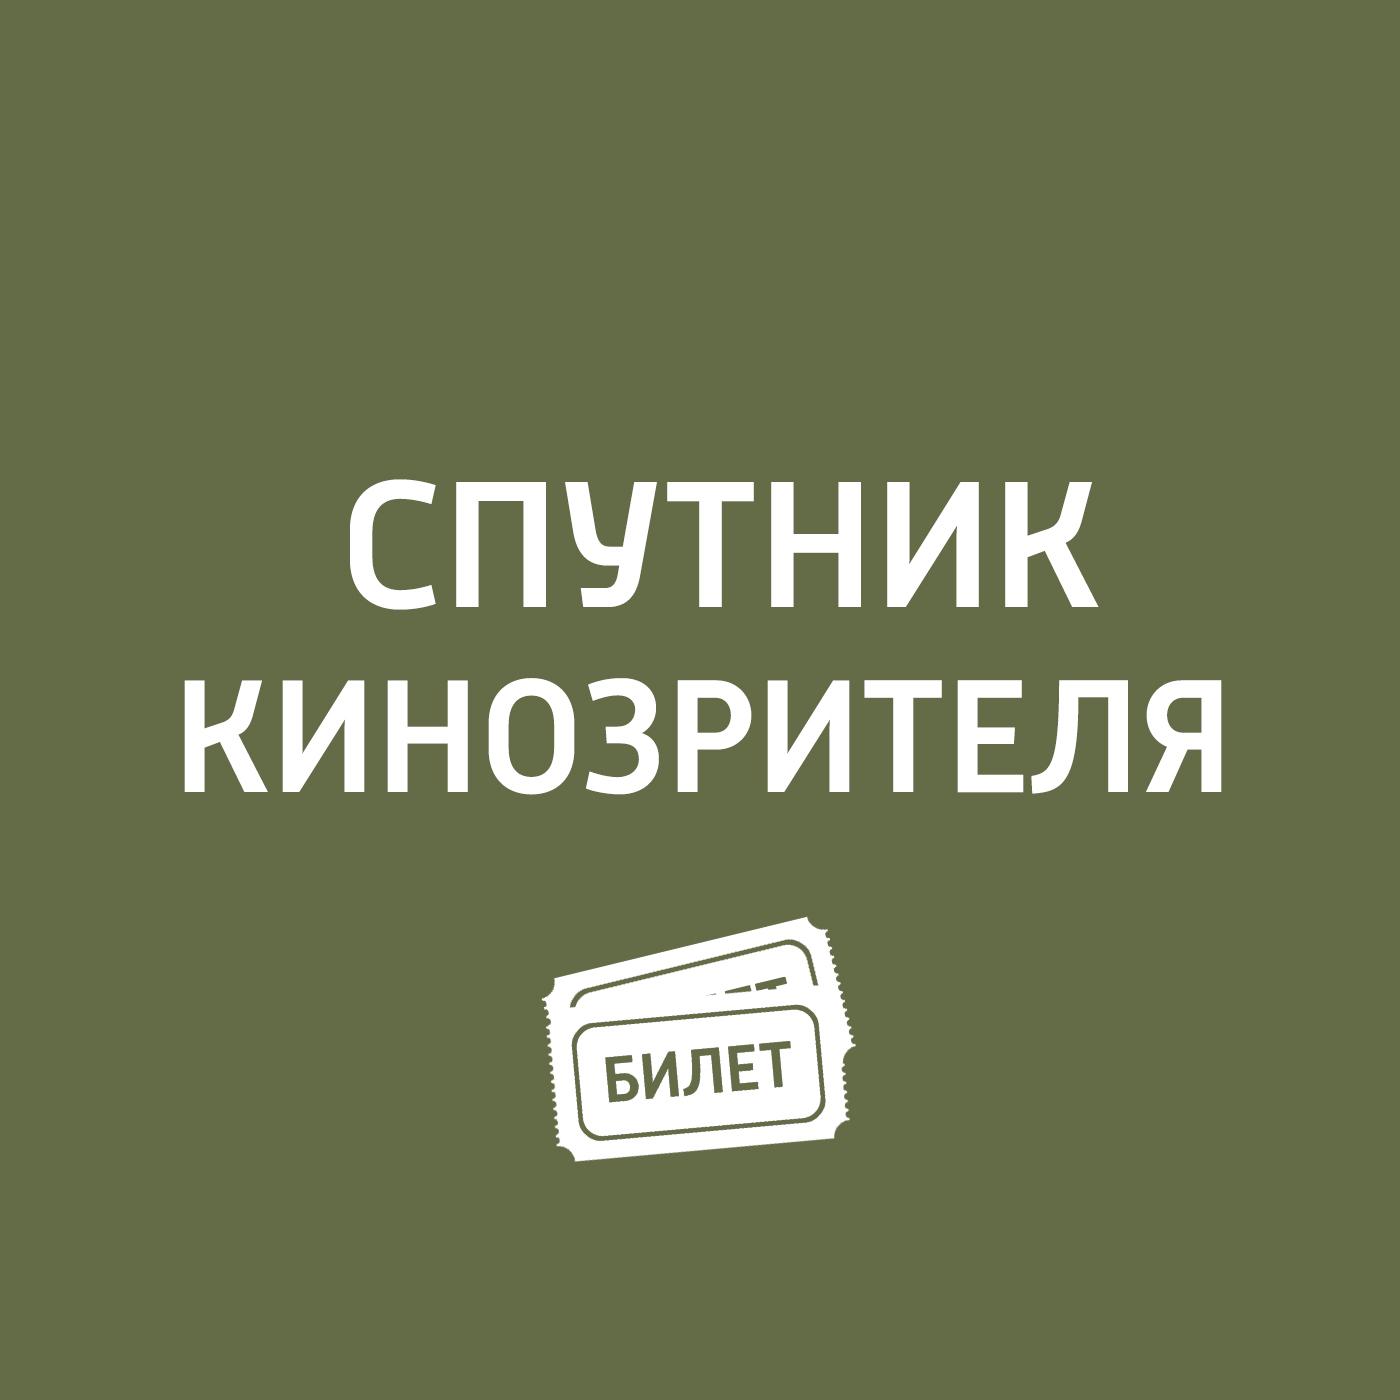 Антон Долин Премьеры. «Море в огне